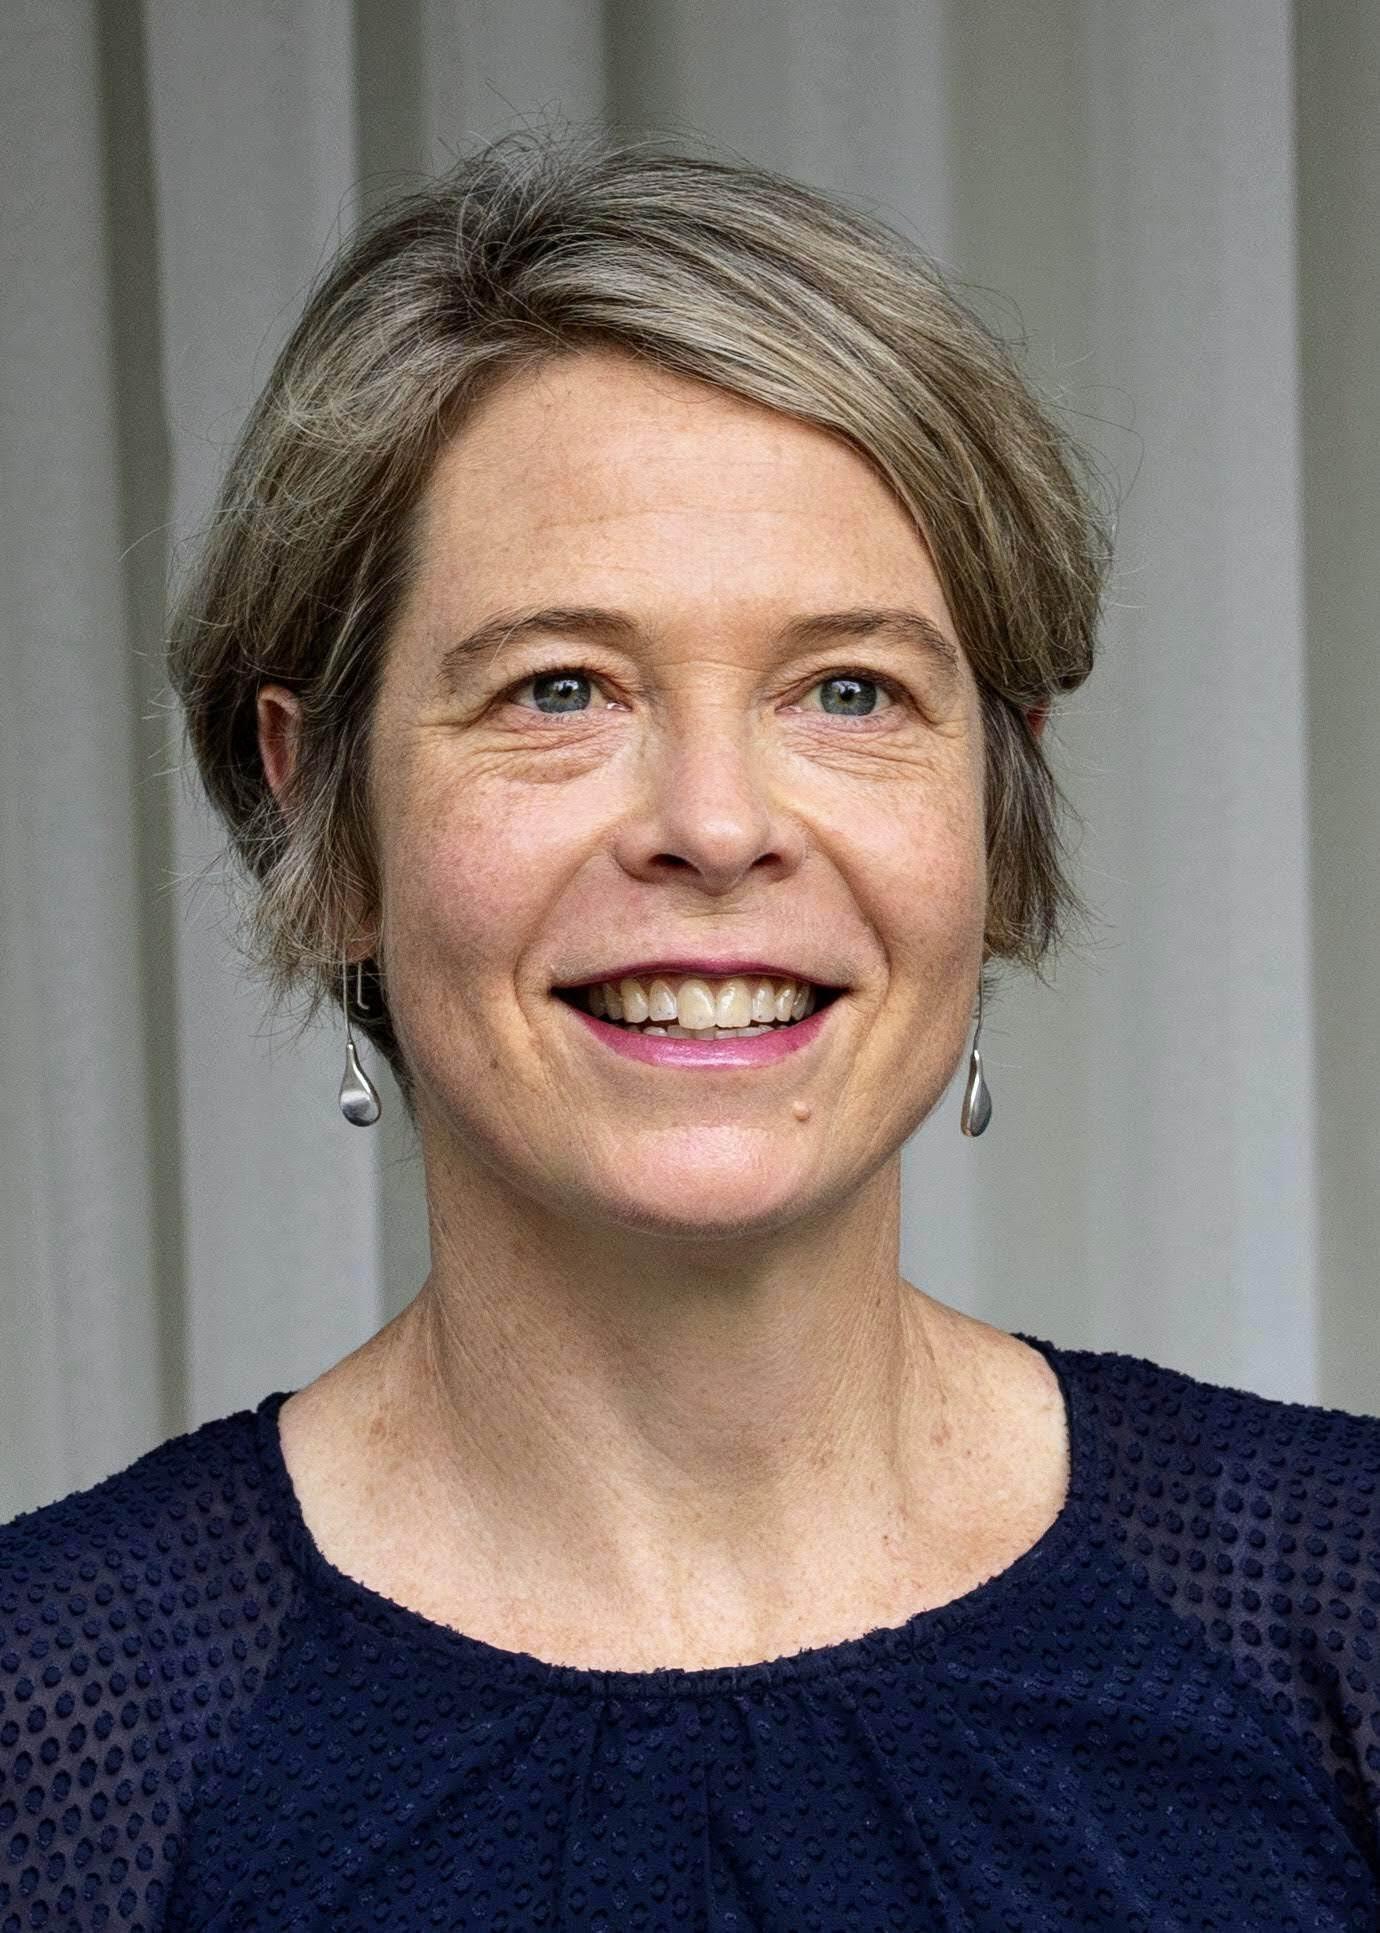 Chloe Ibbott